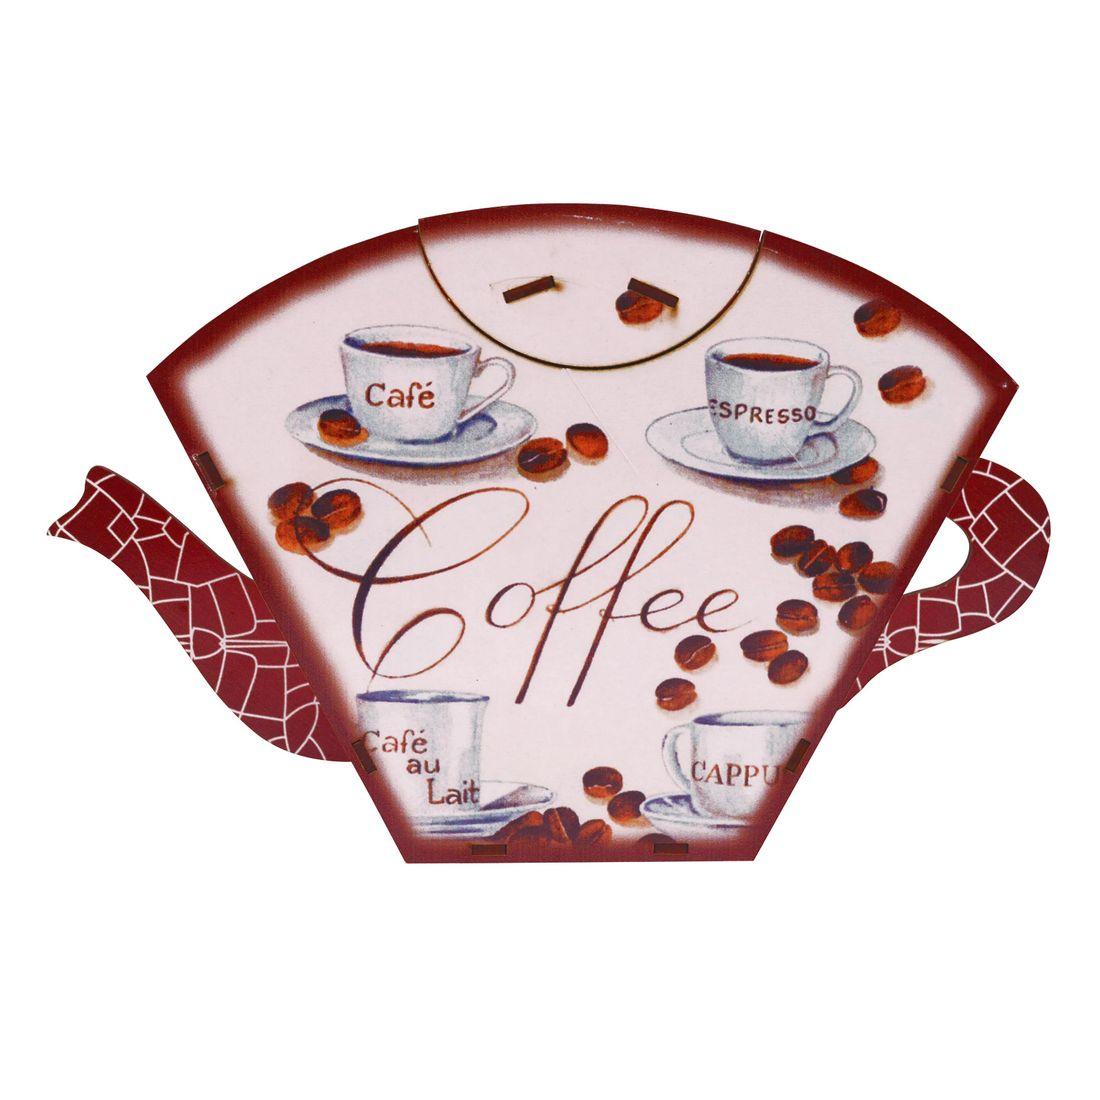 PORTA_FILTRO_COFFEE_31X19X37_FRENTE